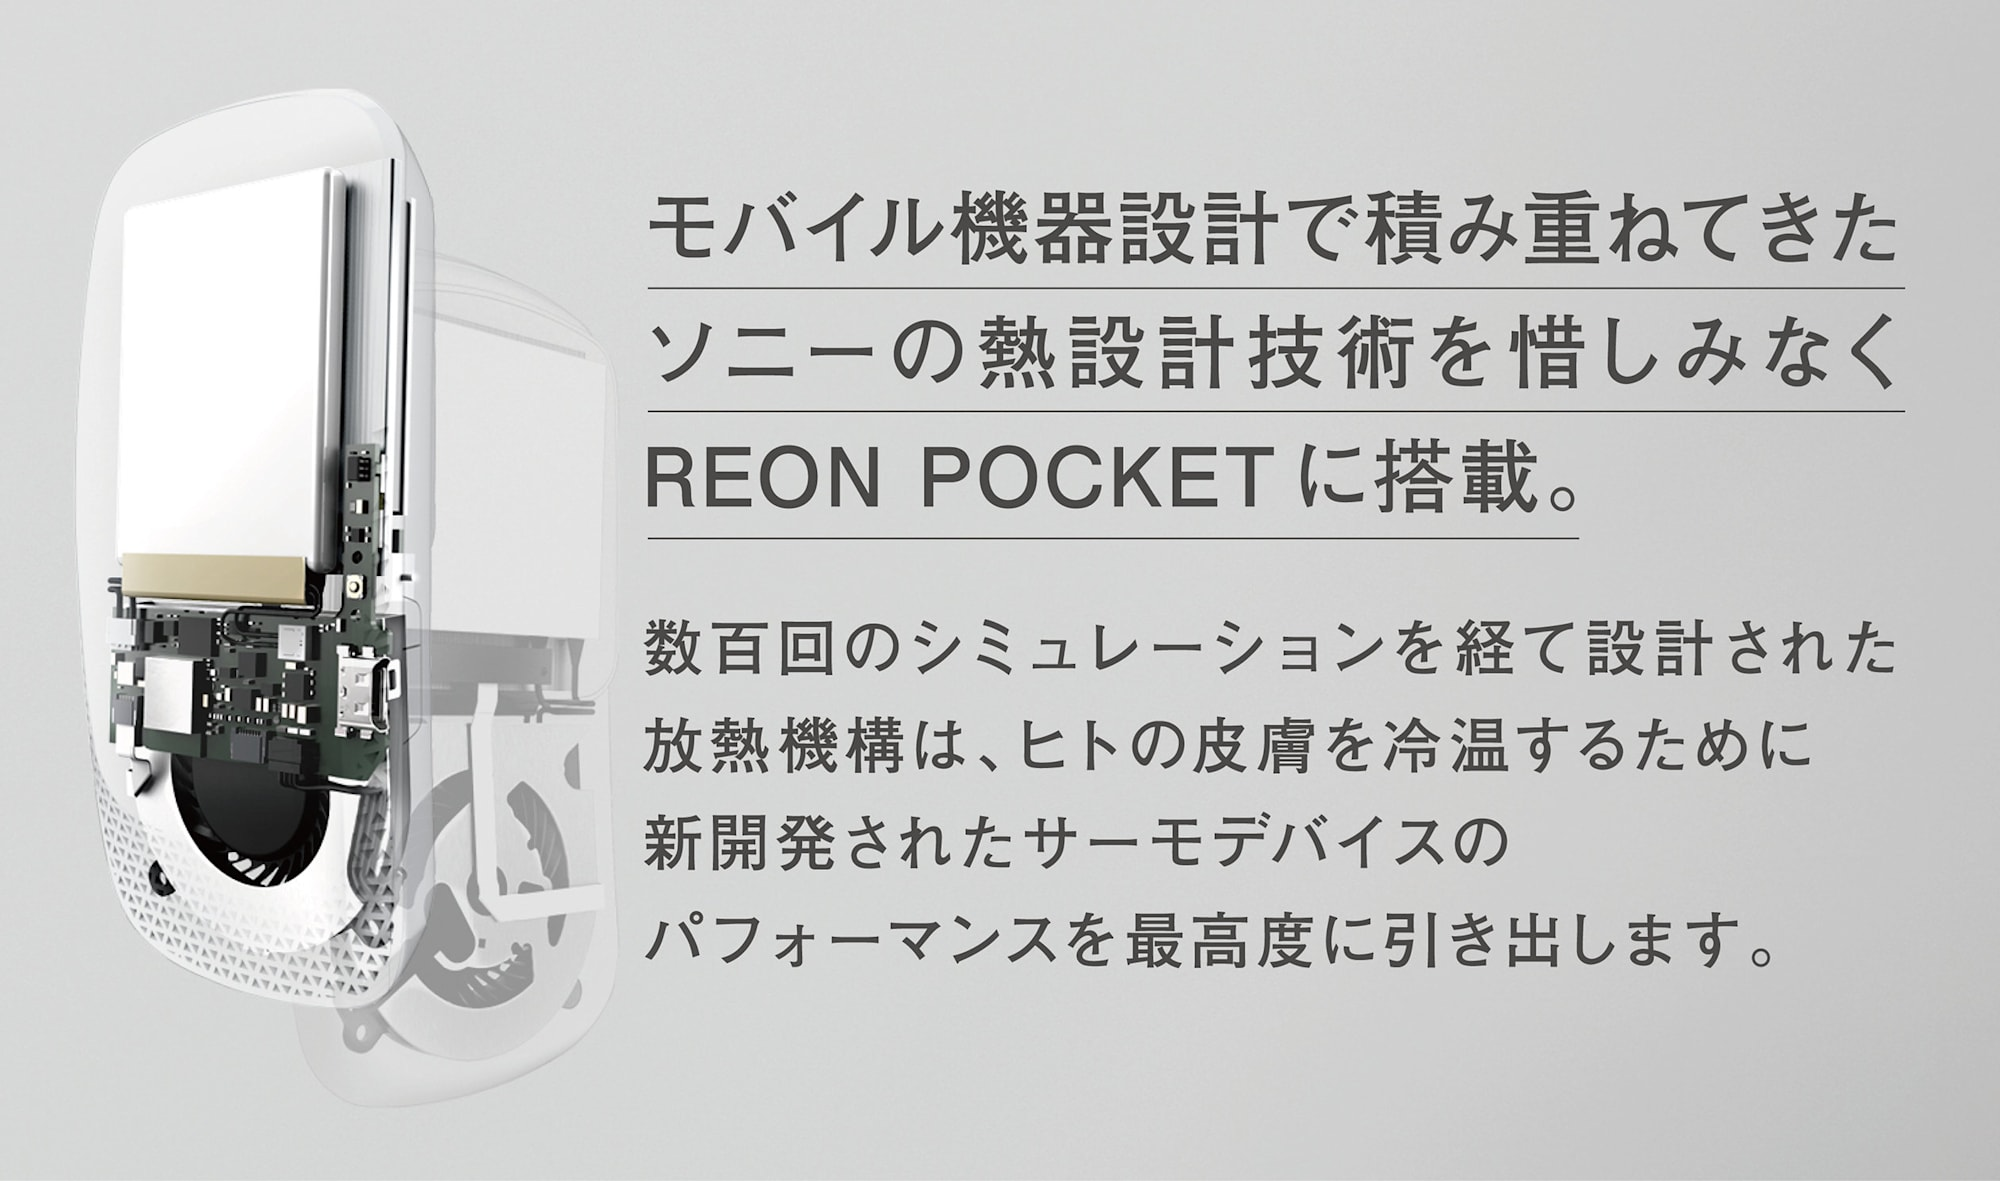 Sony REON POCKET